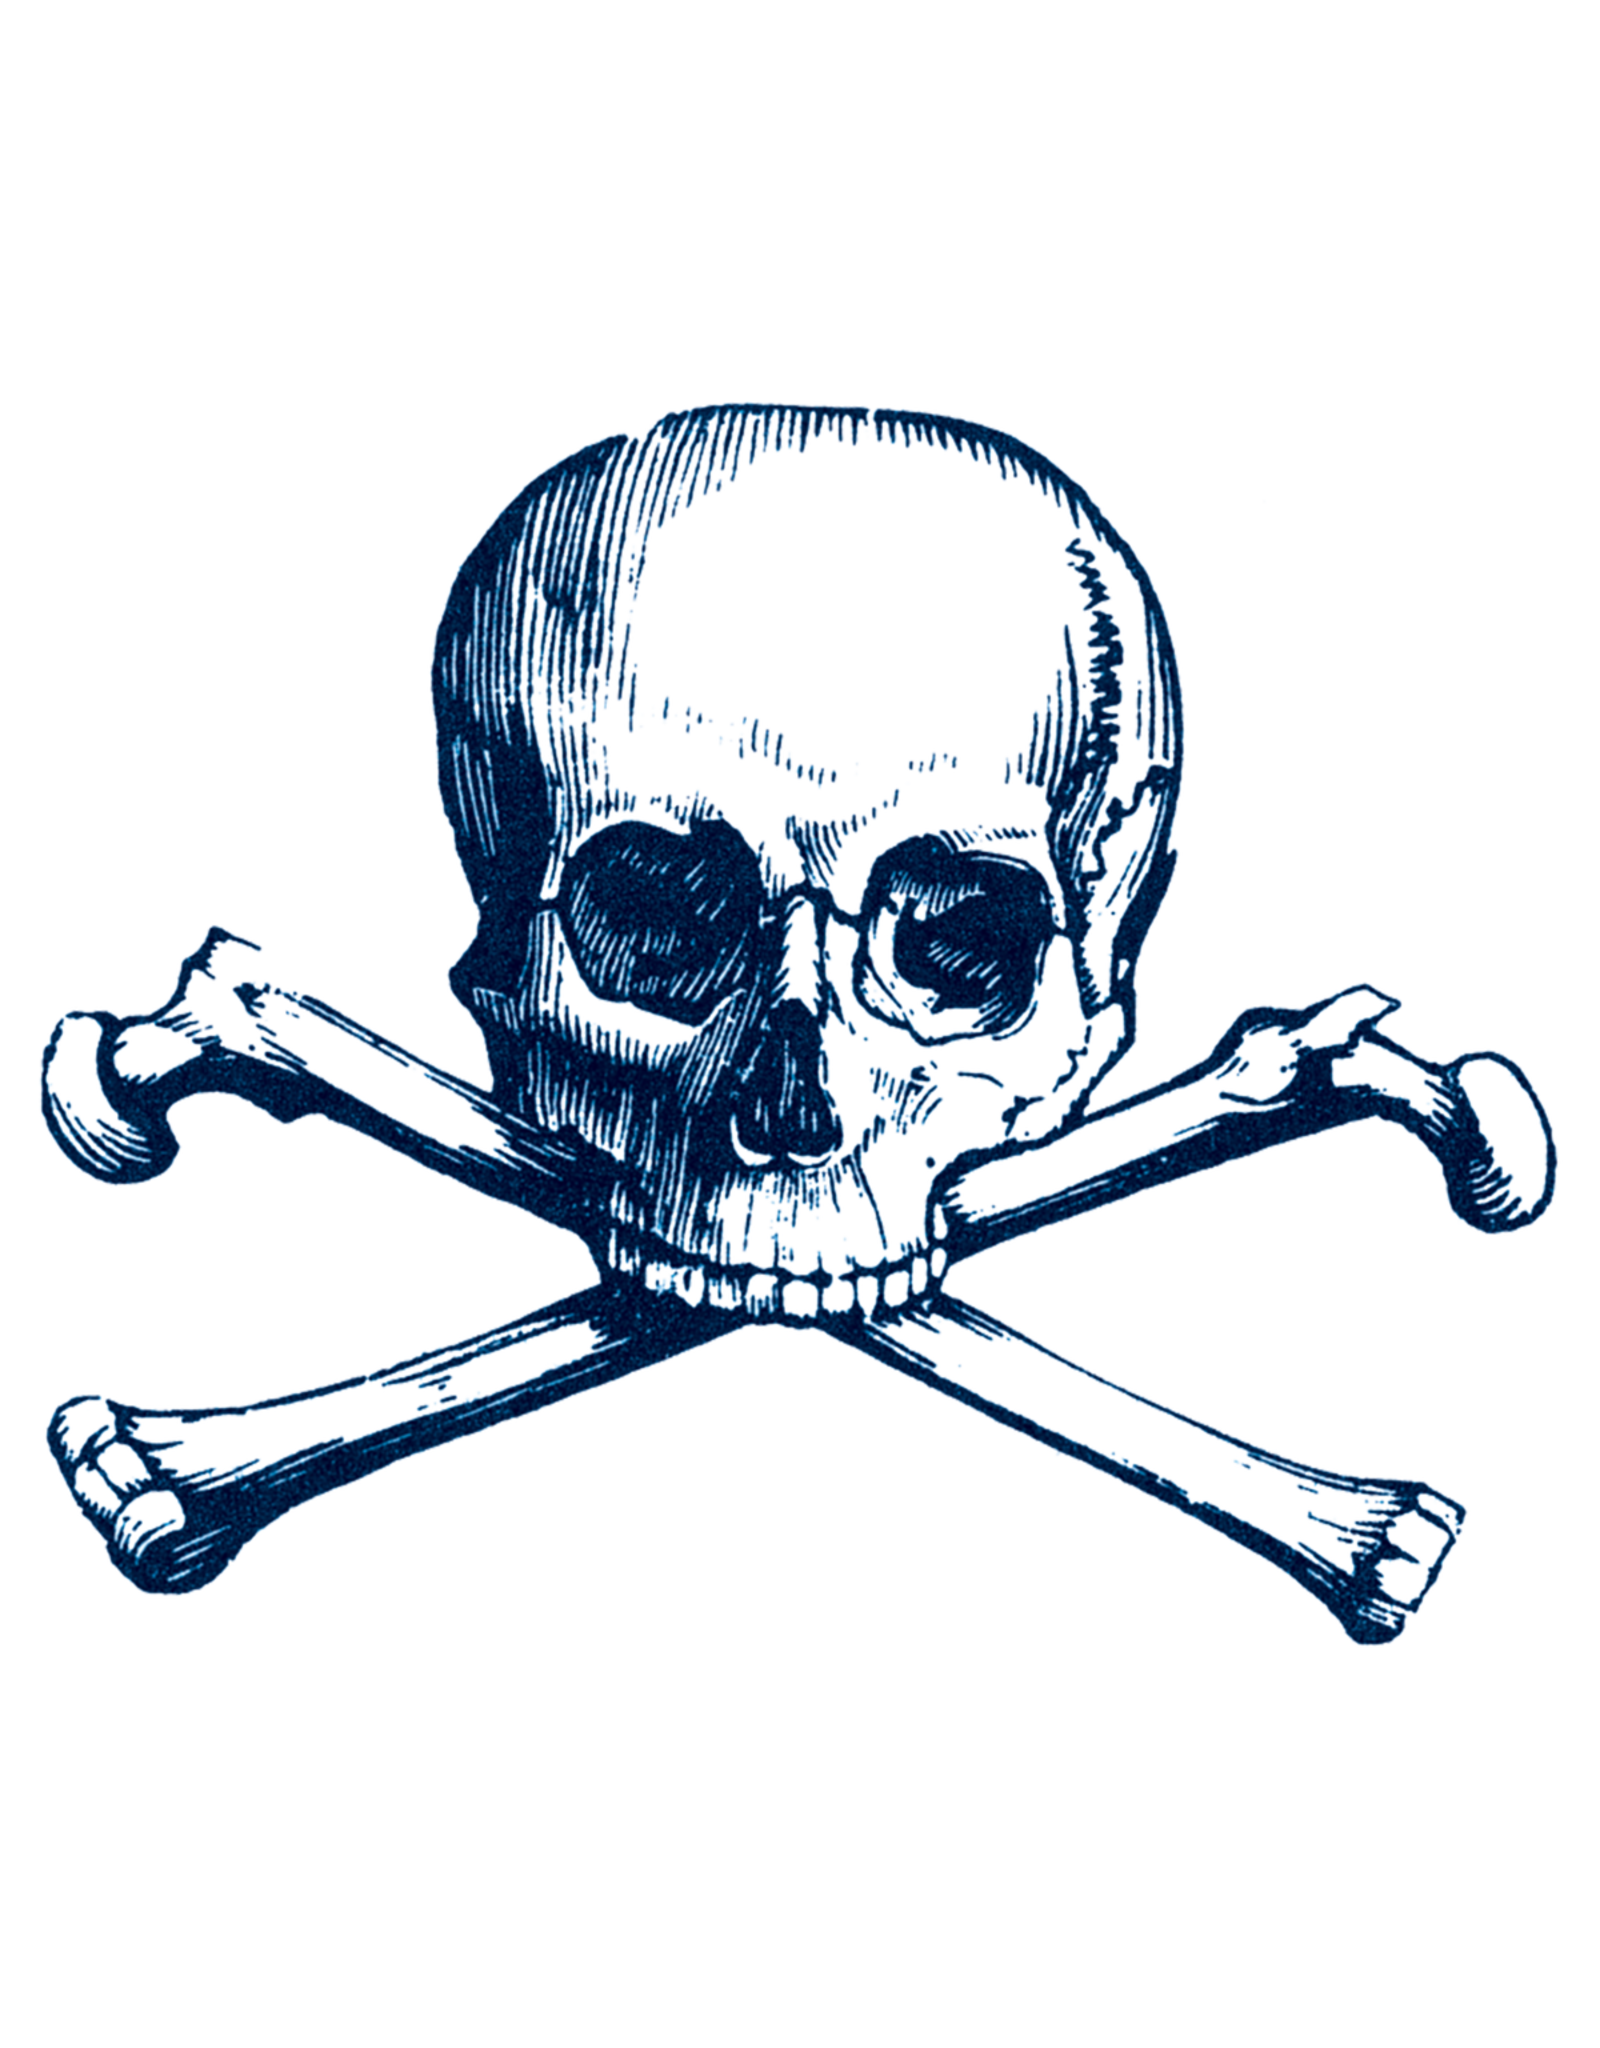 Tattly tattoo pair- cartolina skull